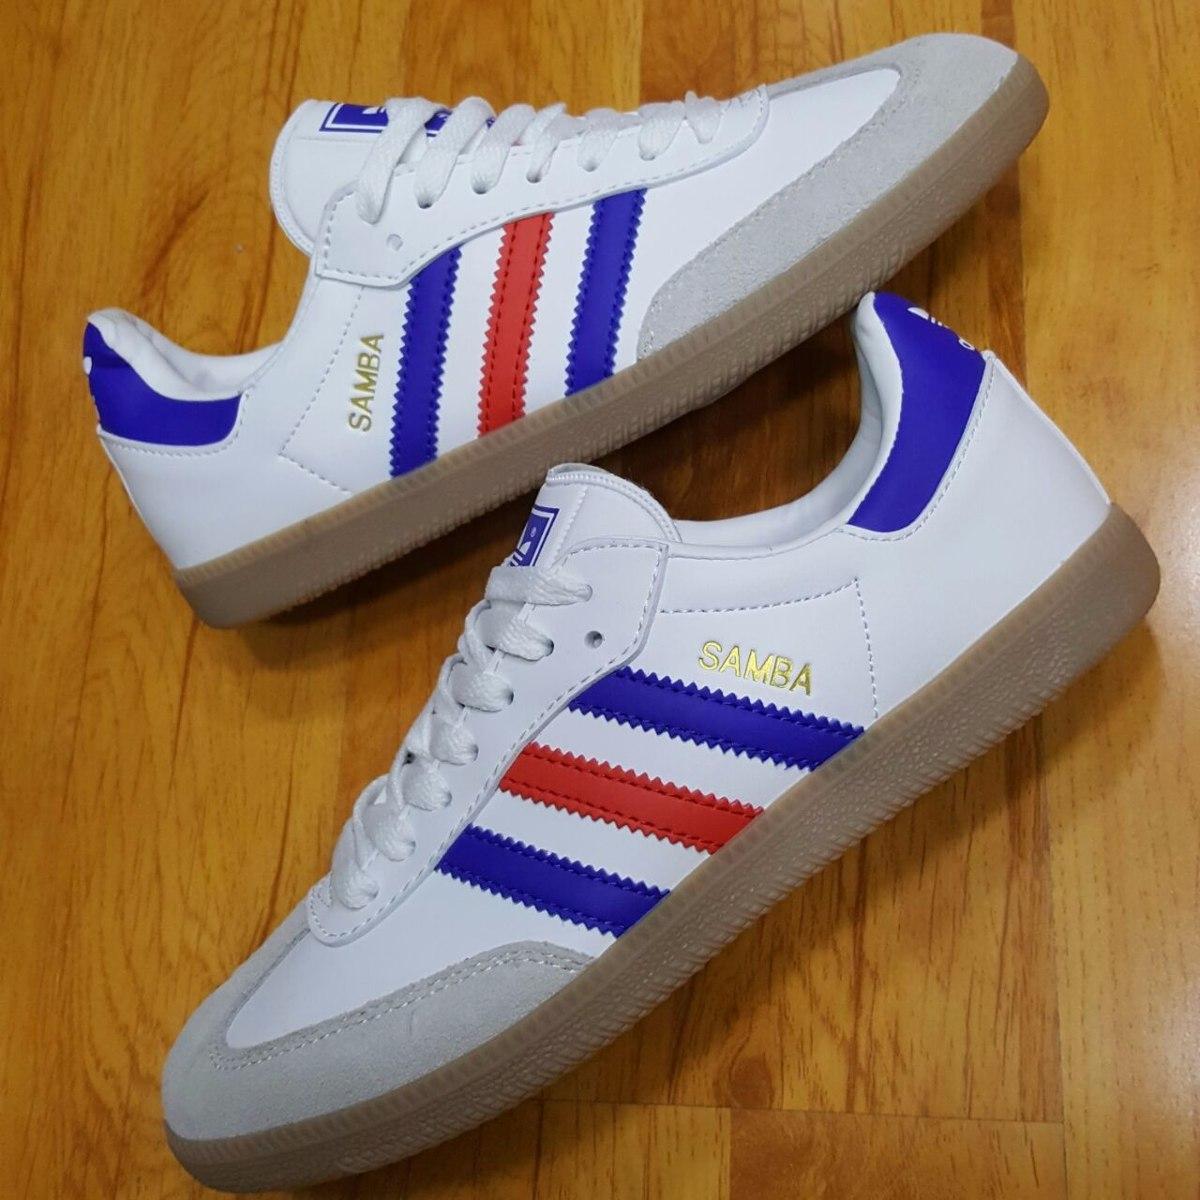 zapatillas hombre adidas samba